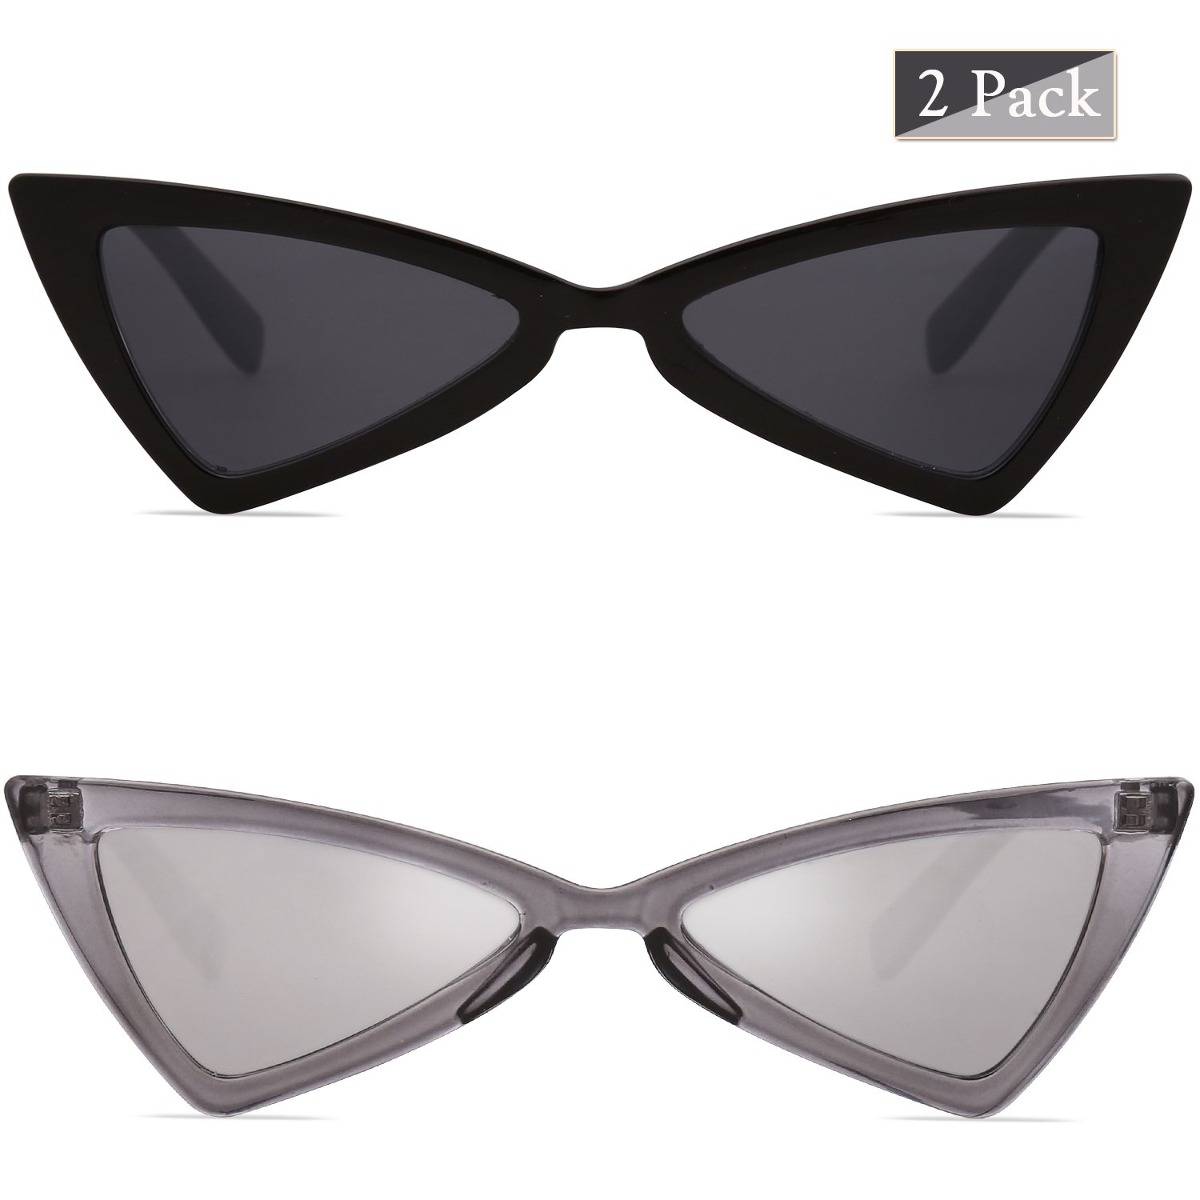 183 Pequeña Sojos S Gafas Mujer De Para Hombre Cateye Sol uK1F35lcTJ